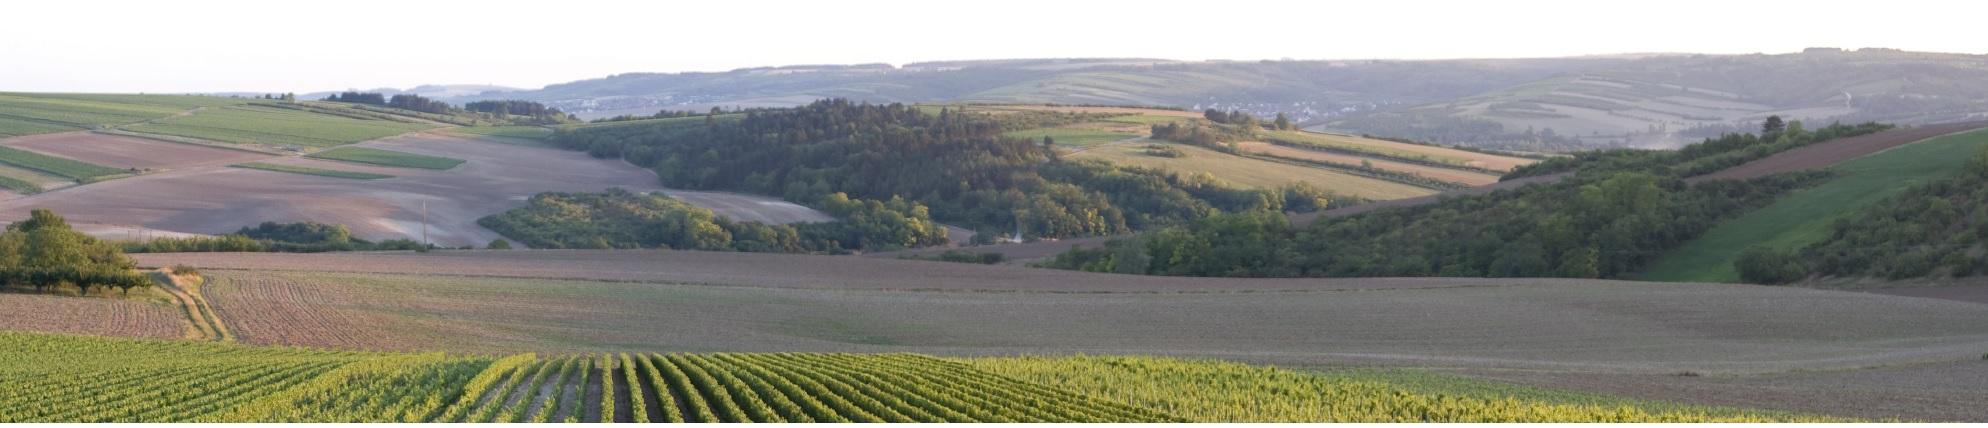 Le sedi Assiteca Agricoltura: Verona Prato Pordenone